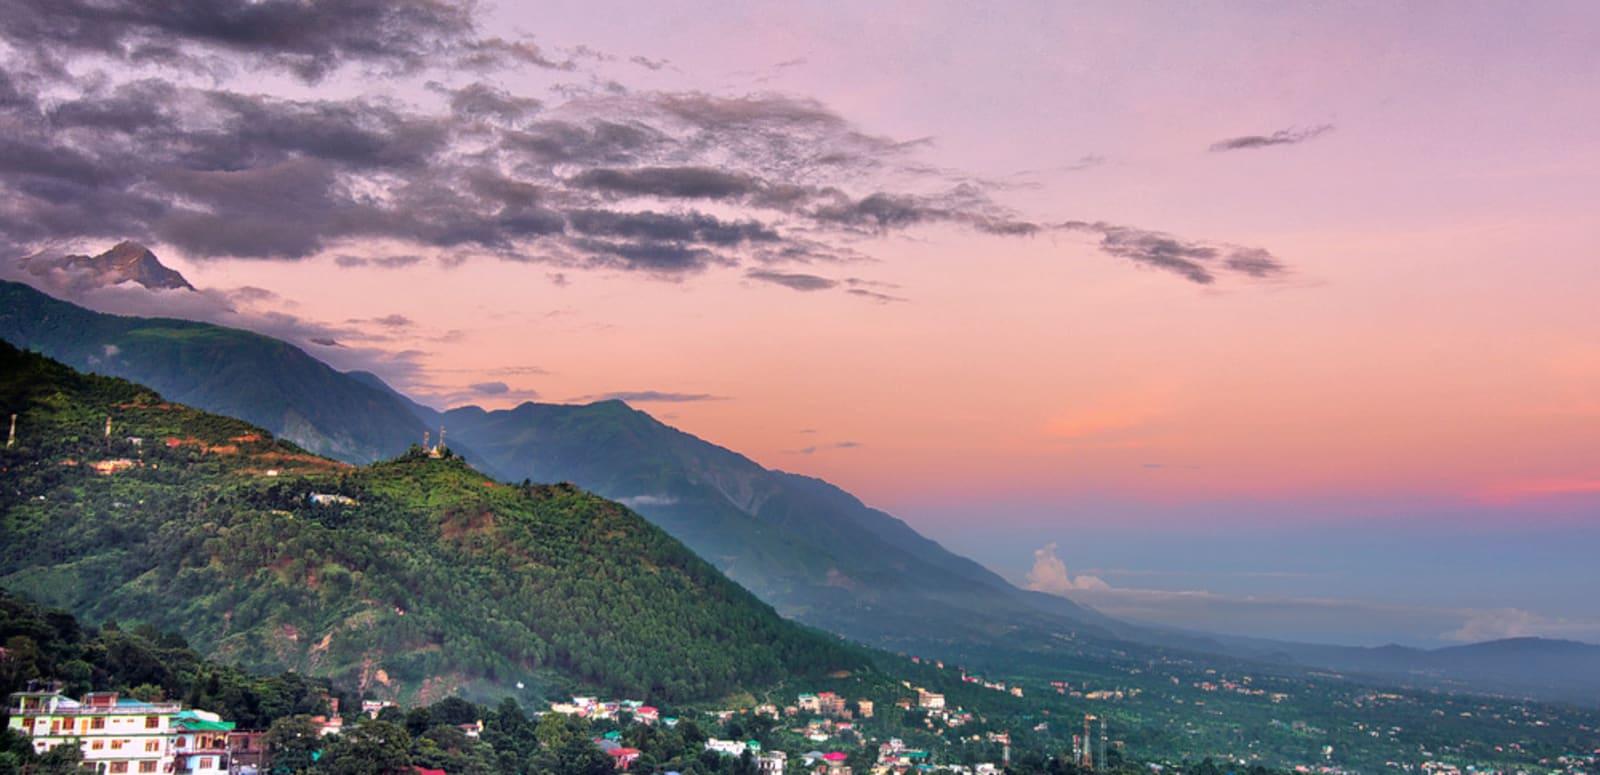 1587112094_dharamshala.jpg